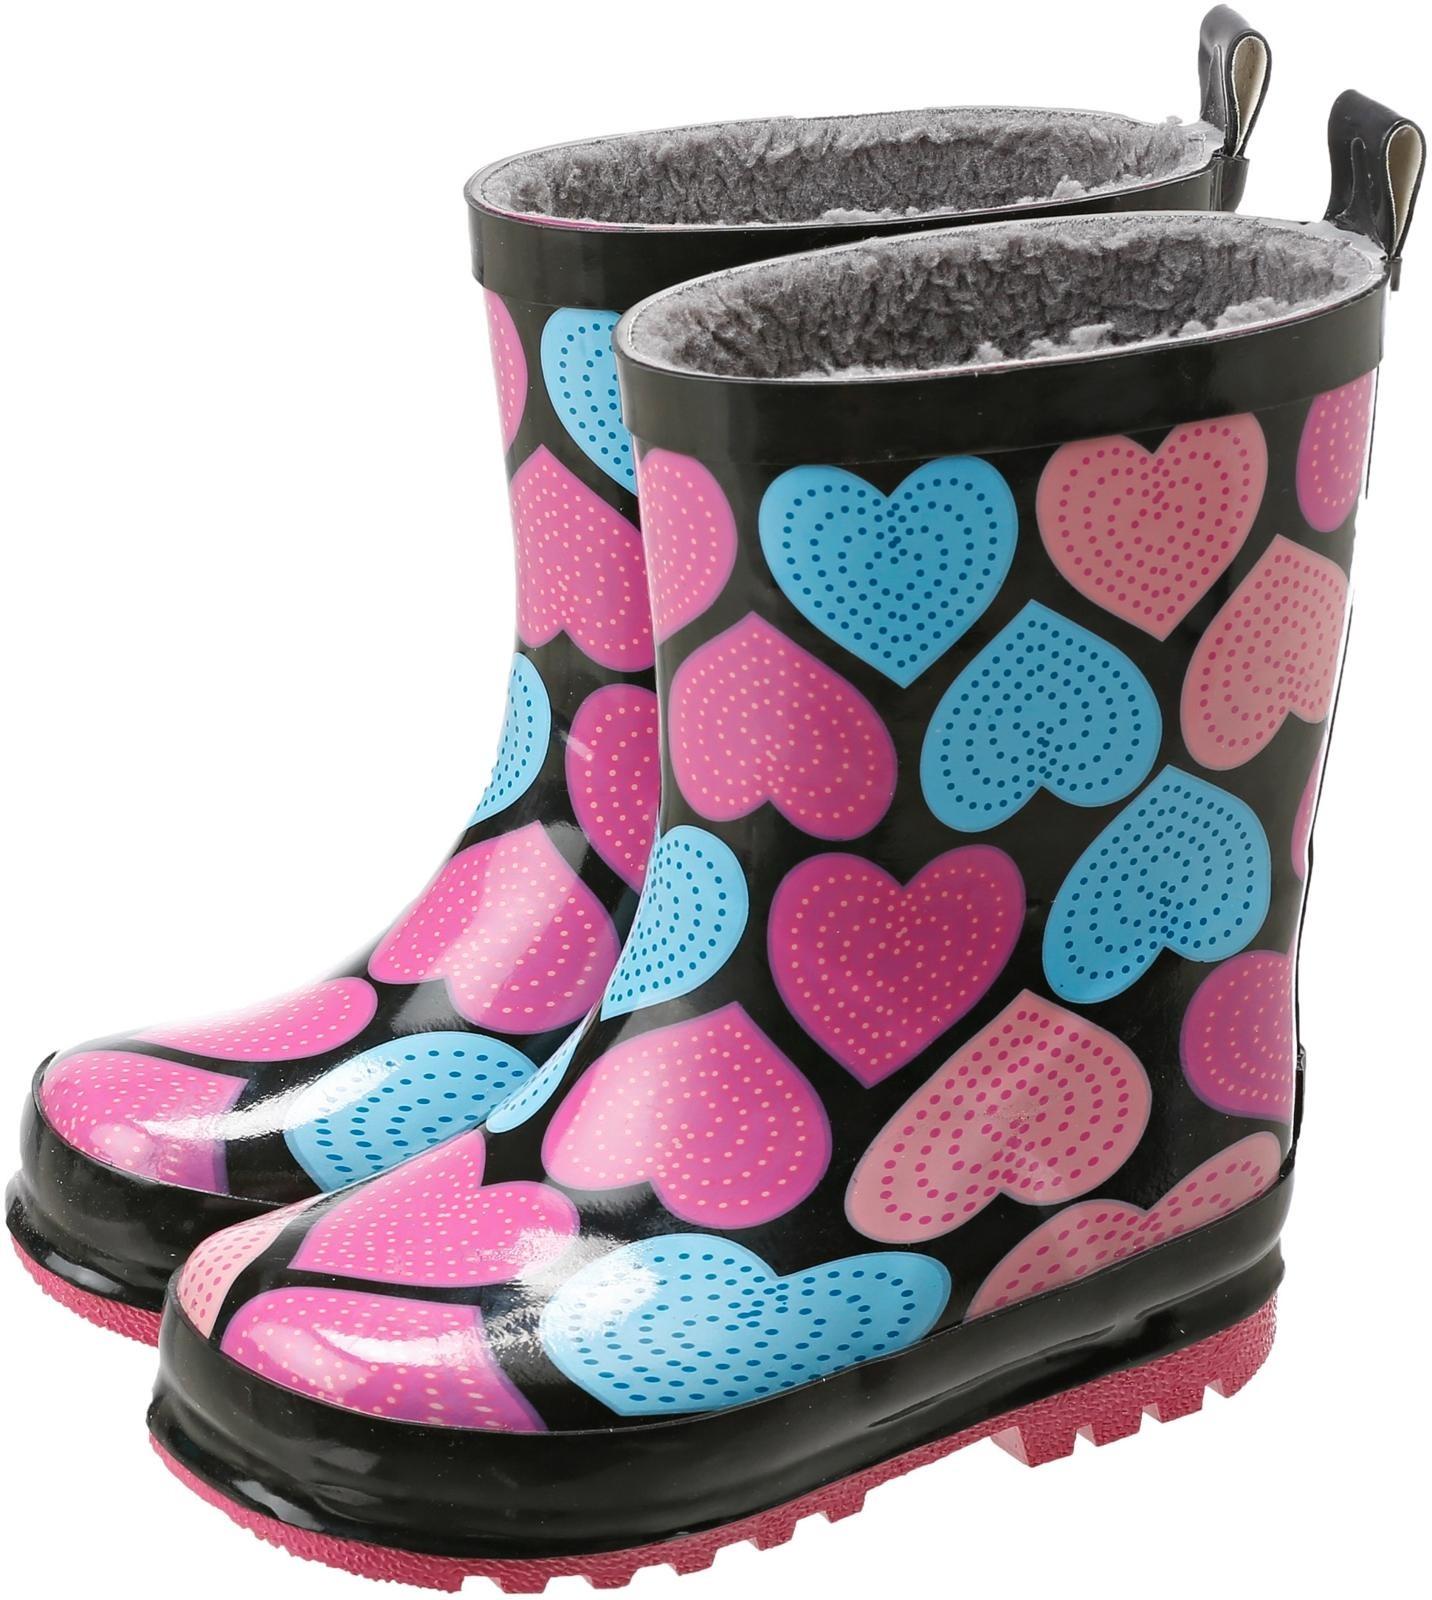 Prismasta lasten kengät ja pukeutuminen -20%